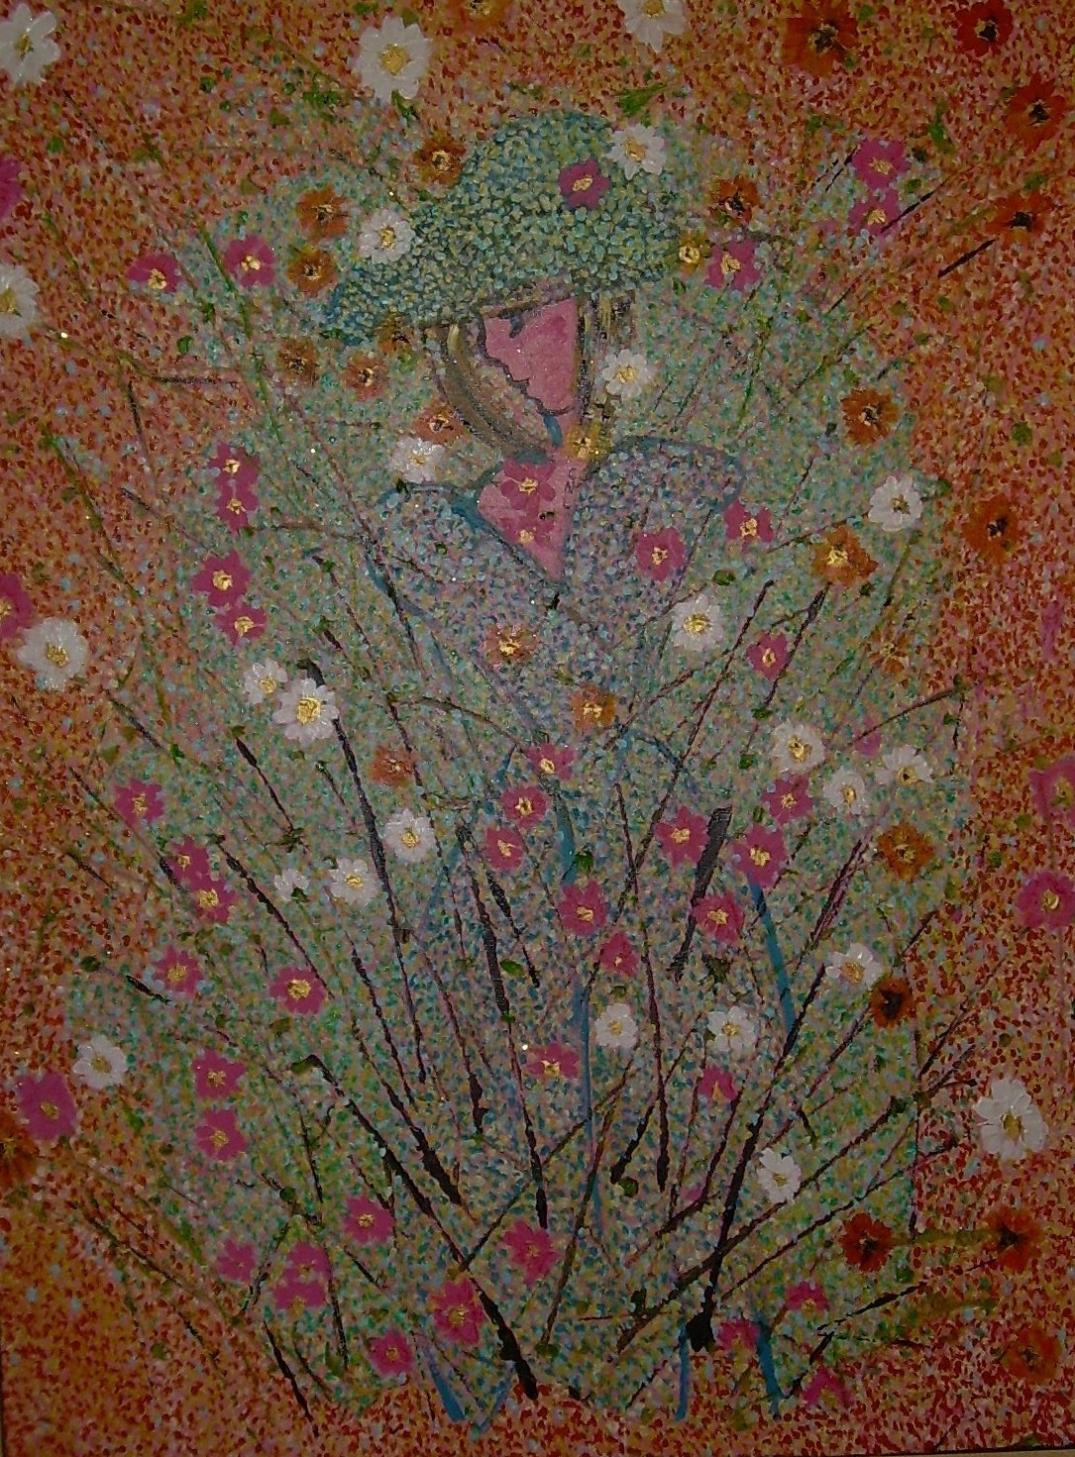 60x80cm Parmi les fleurs, collection privée